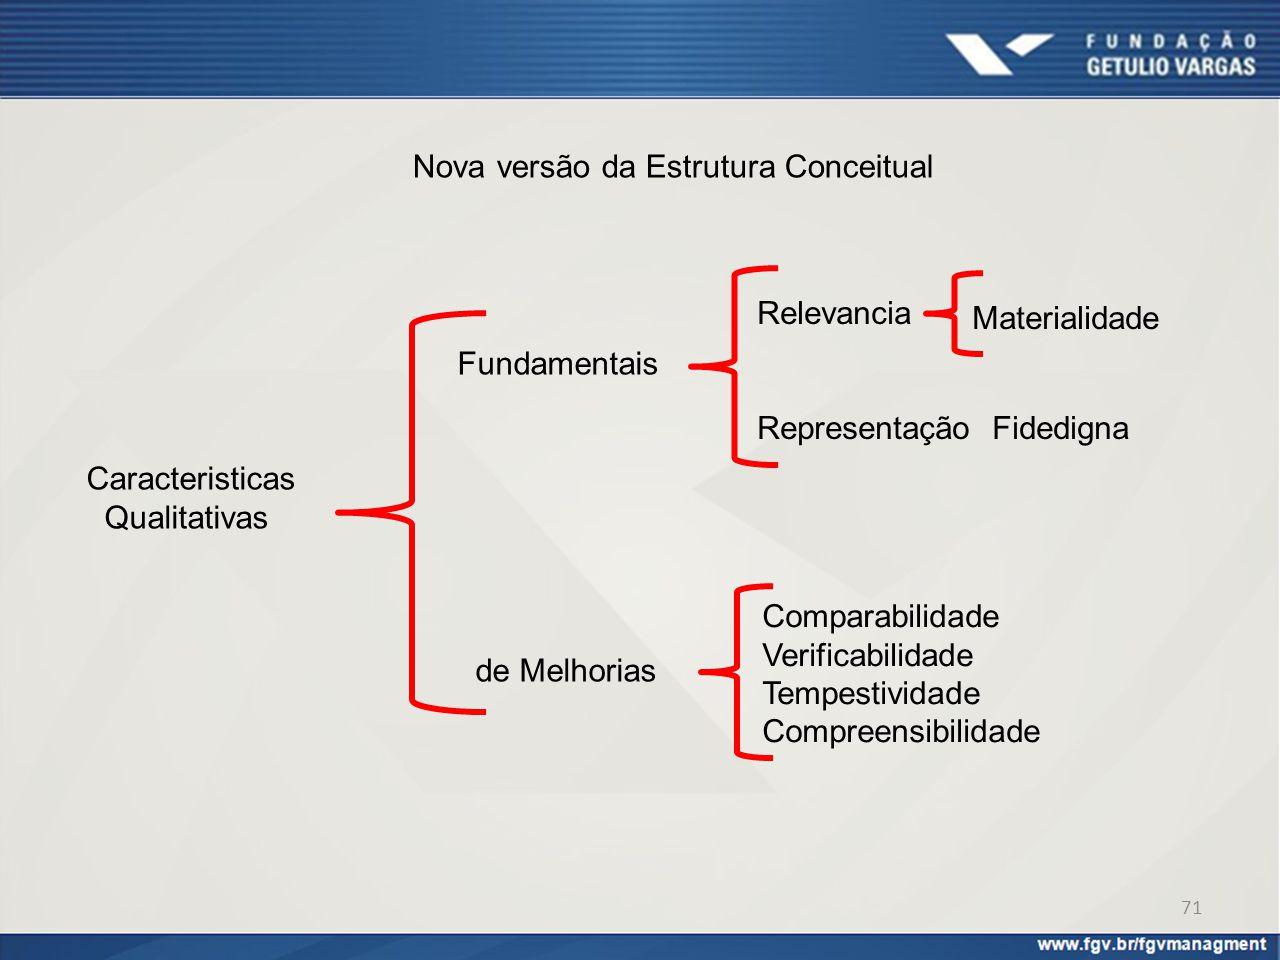 Nova versão da Estrutura Conceitual Fundamentais Caracteristicas Qualitativas de Melhorias Comparabilidade Verificabilidade Tempestividade Compreensib